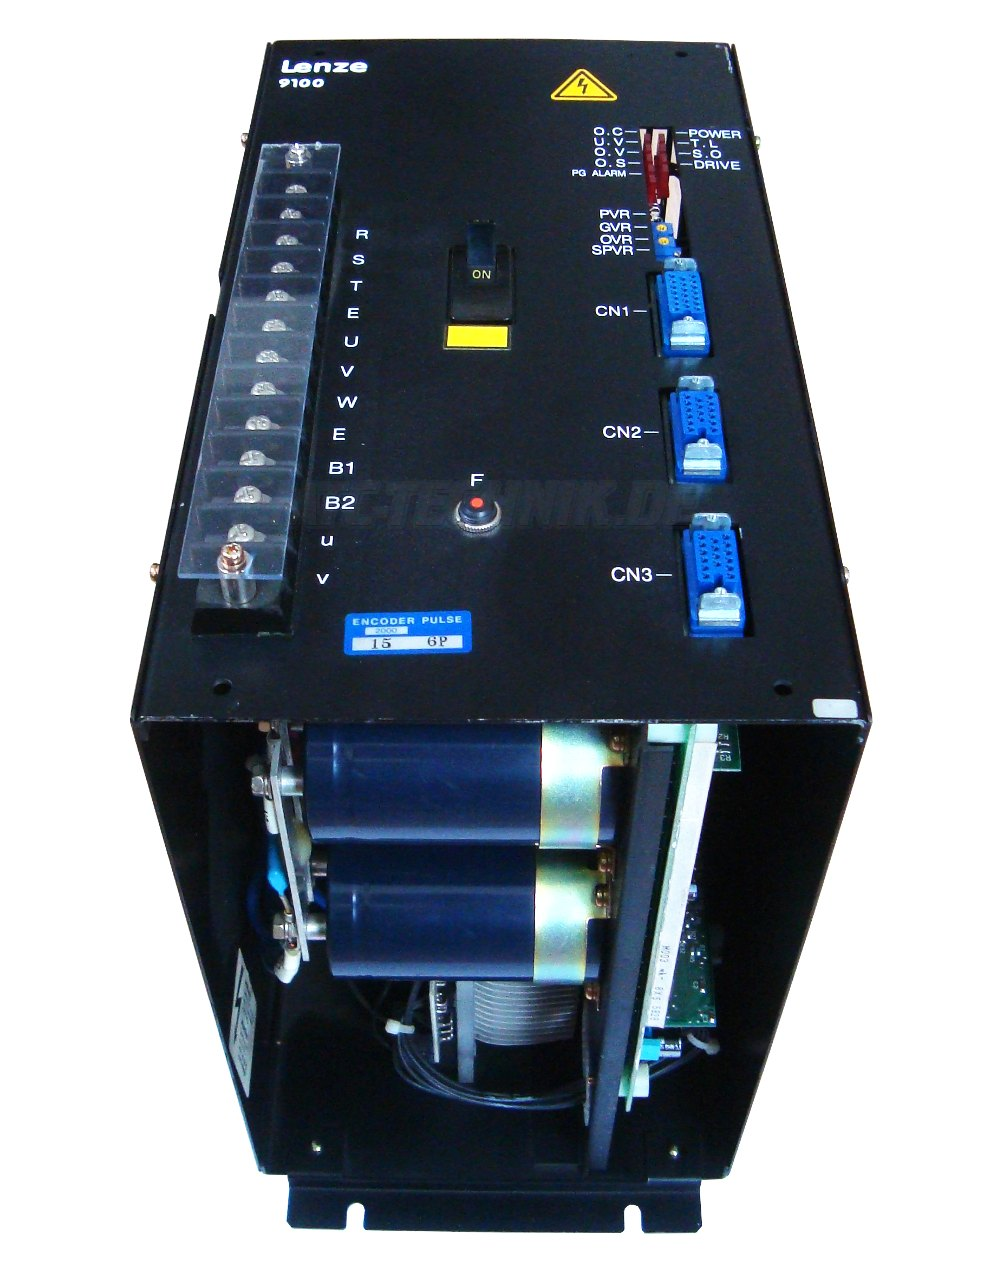 2 Frequenzumrichter 9146b Artikel 331096 Mit Garantie